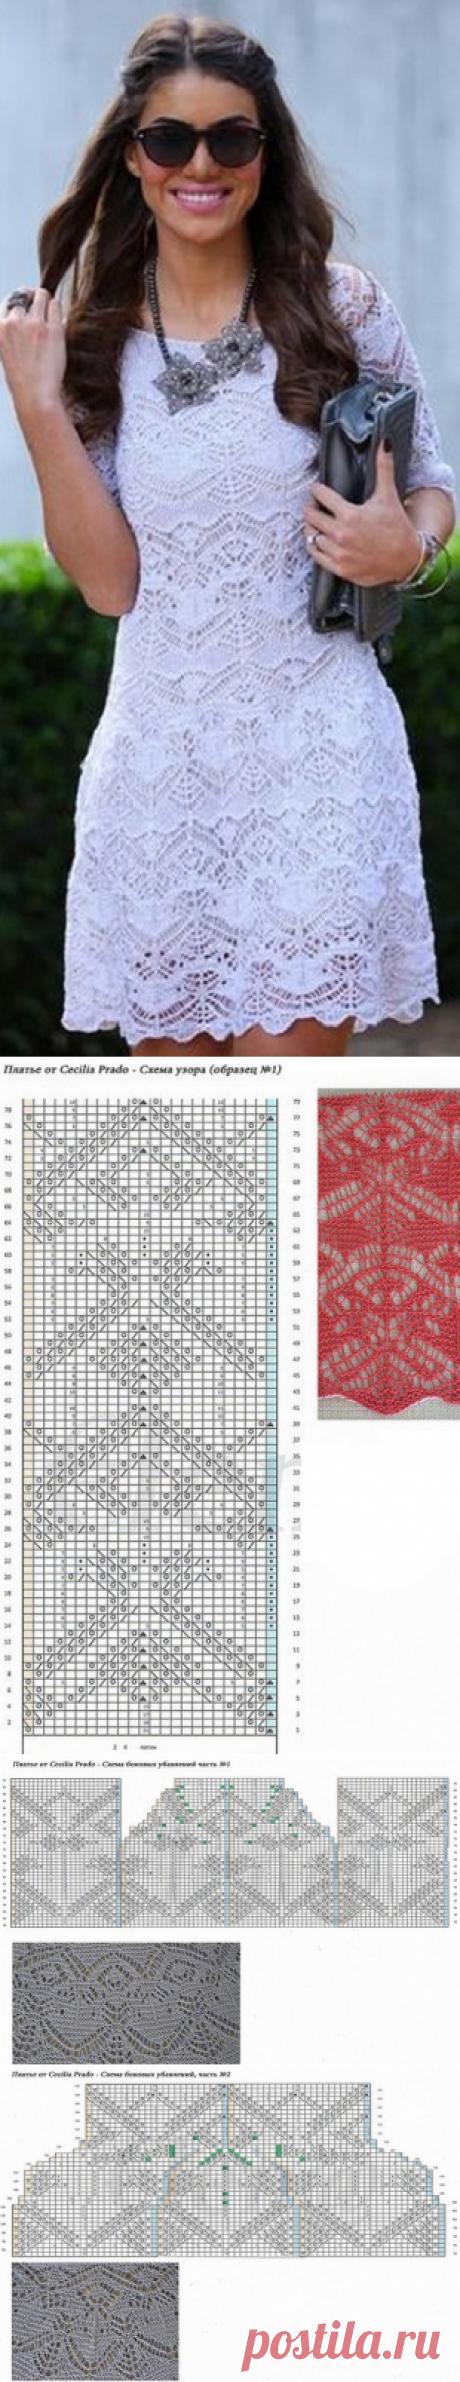 Узоры для вязаного спицами платья